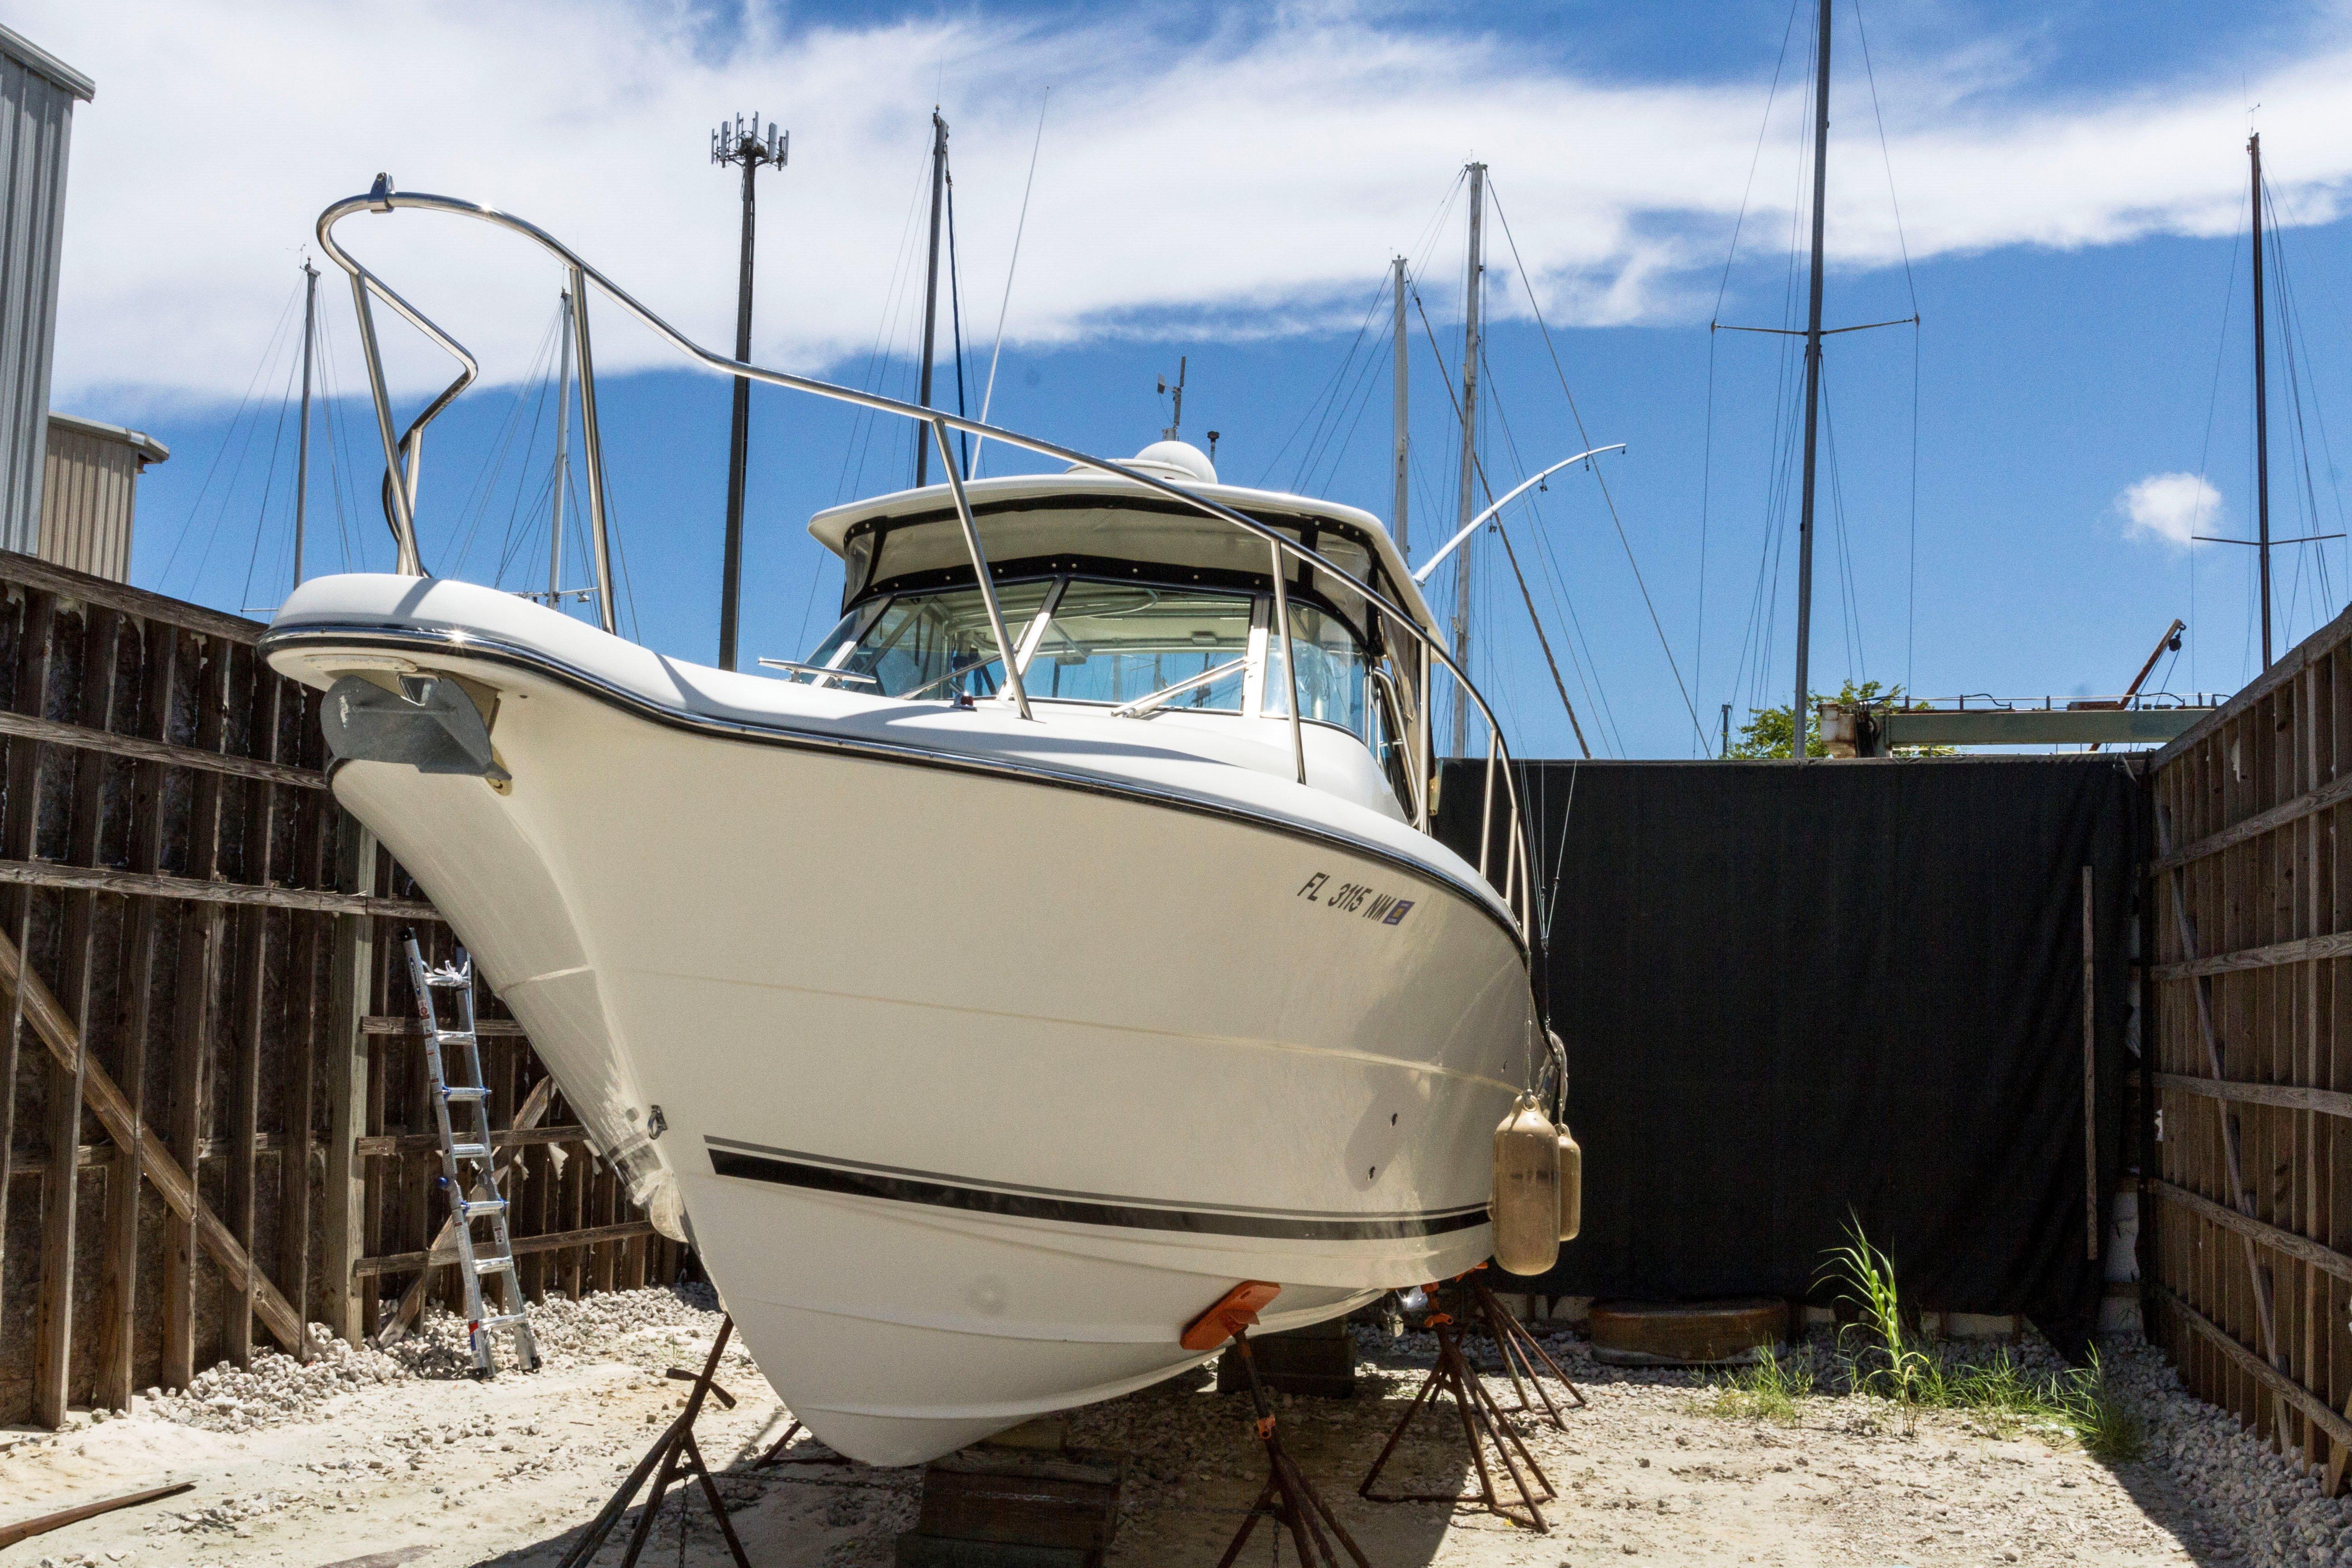 30' Pursuit 2006 3070 Offshore